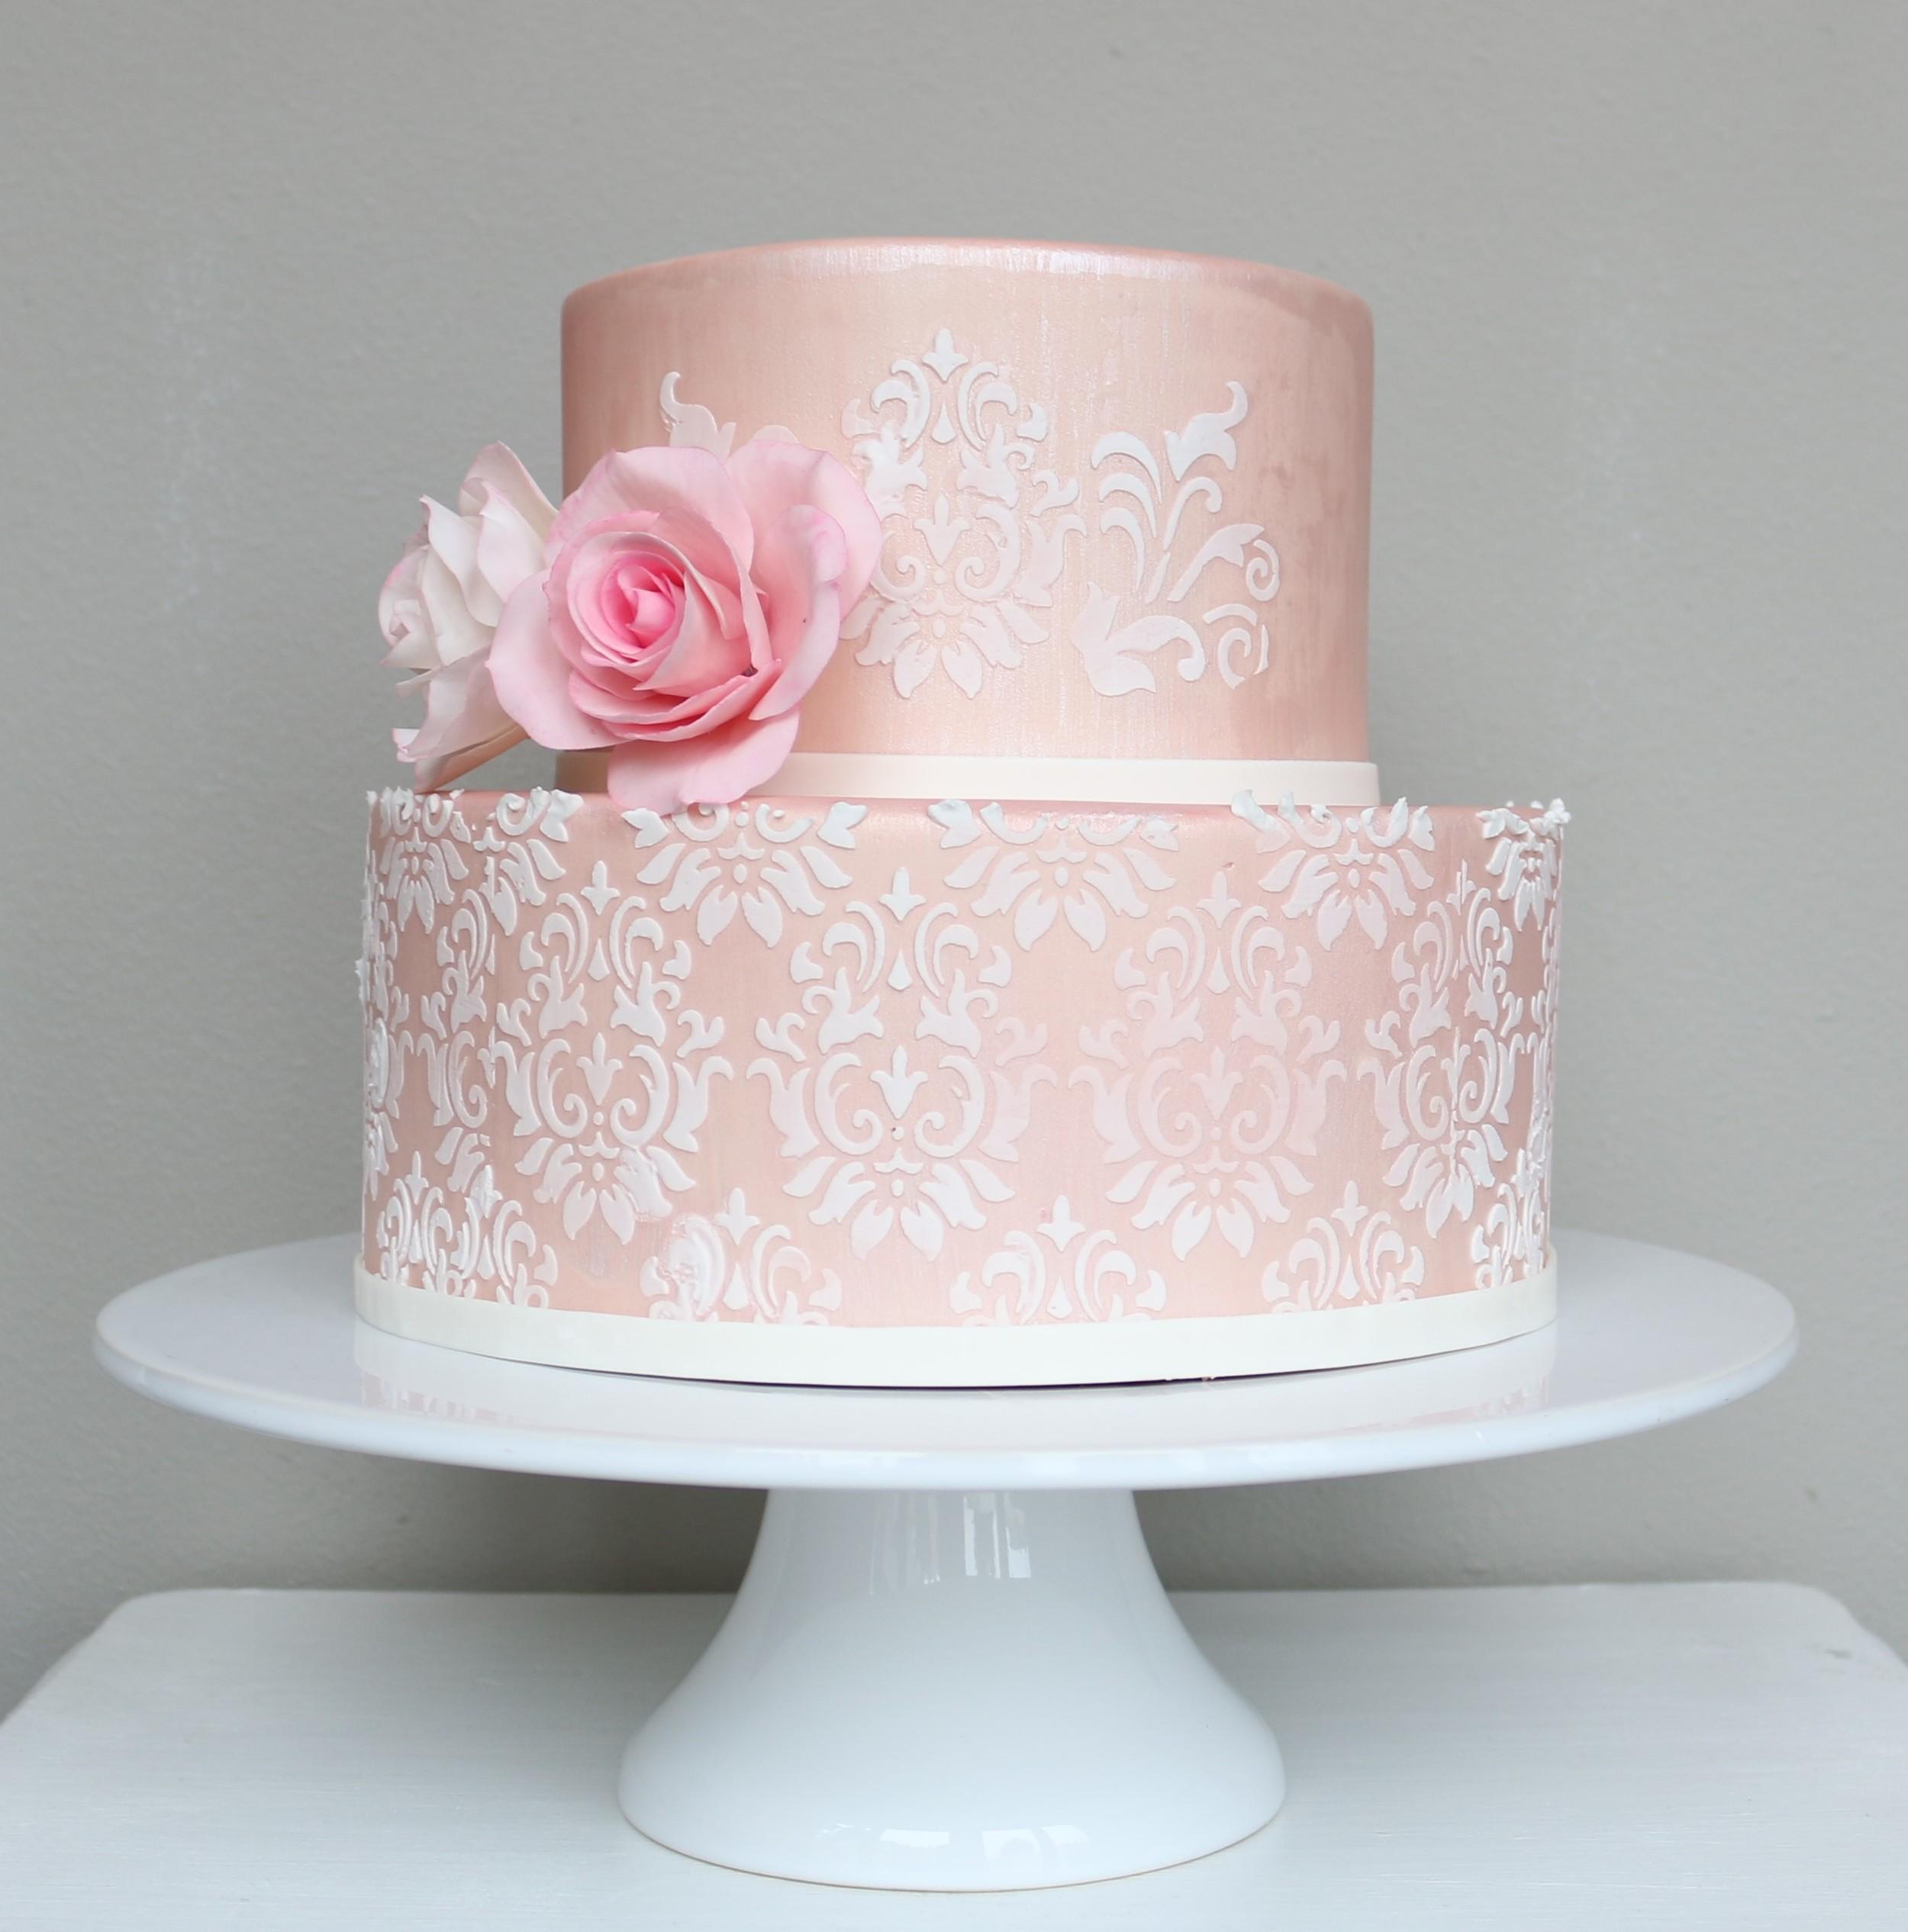 Edle Hochzeitstorte oder Geburtstagstorte  Barbara Aletter  Patisserie  Hochzeitstorten und